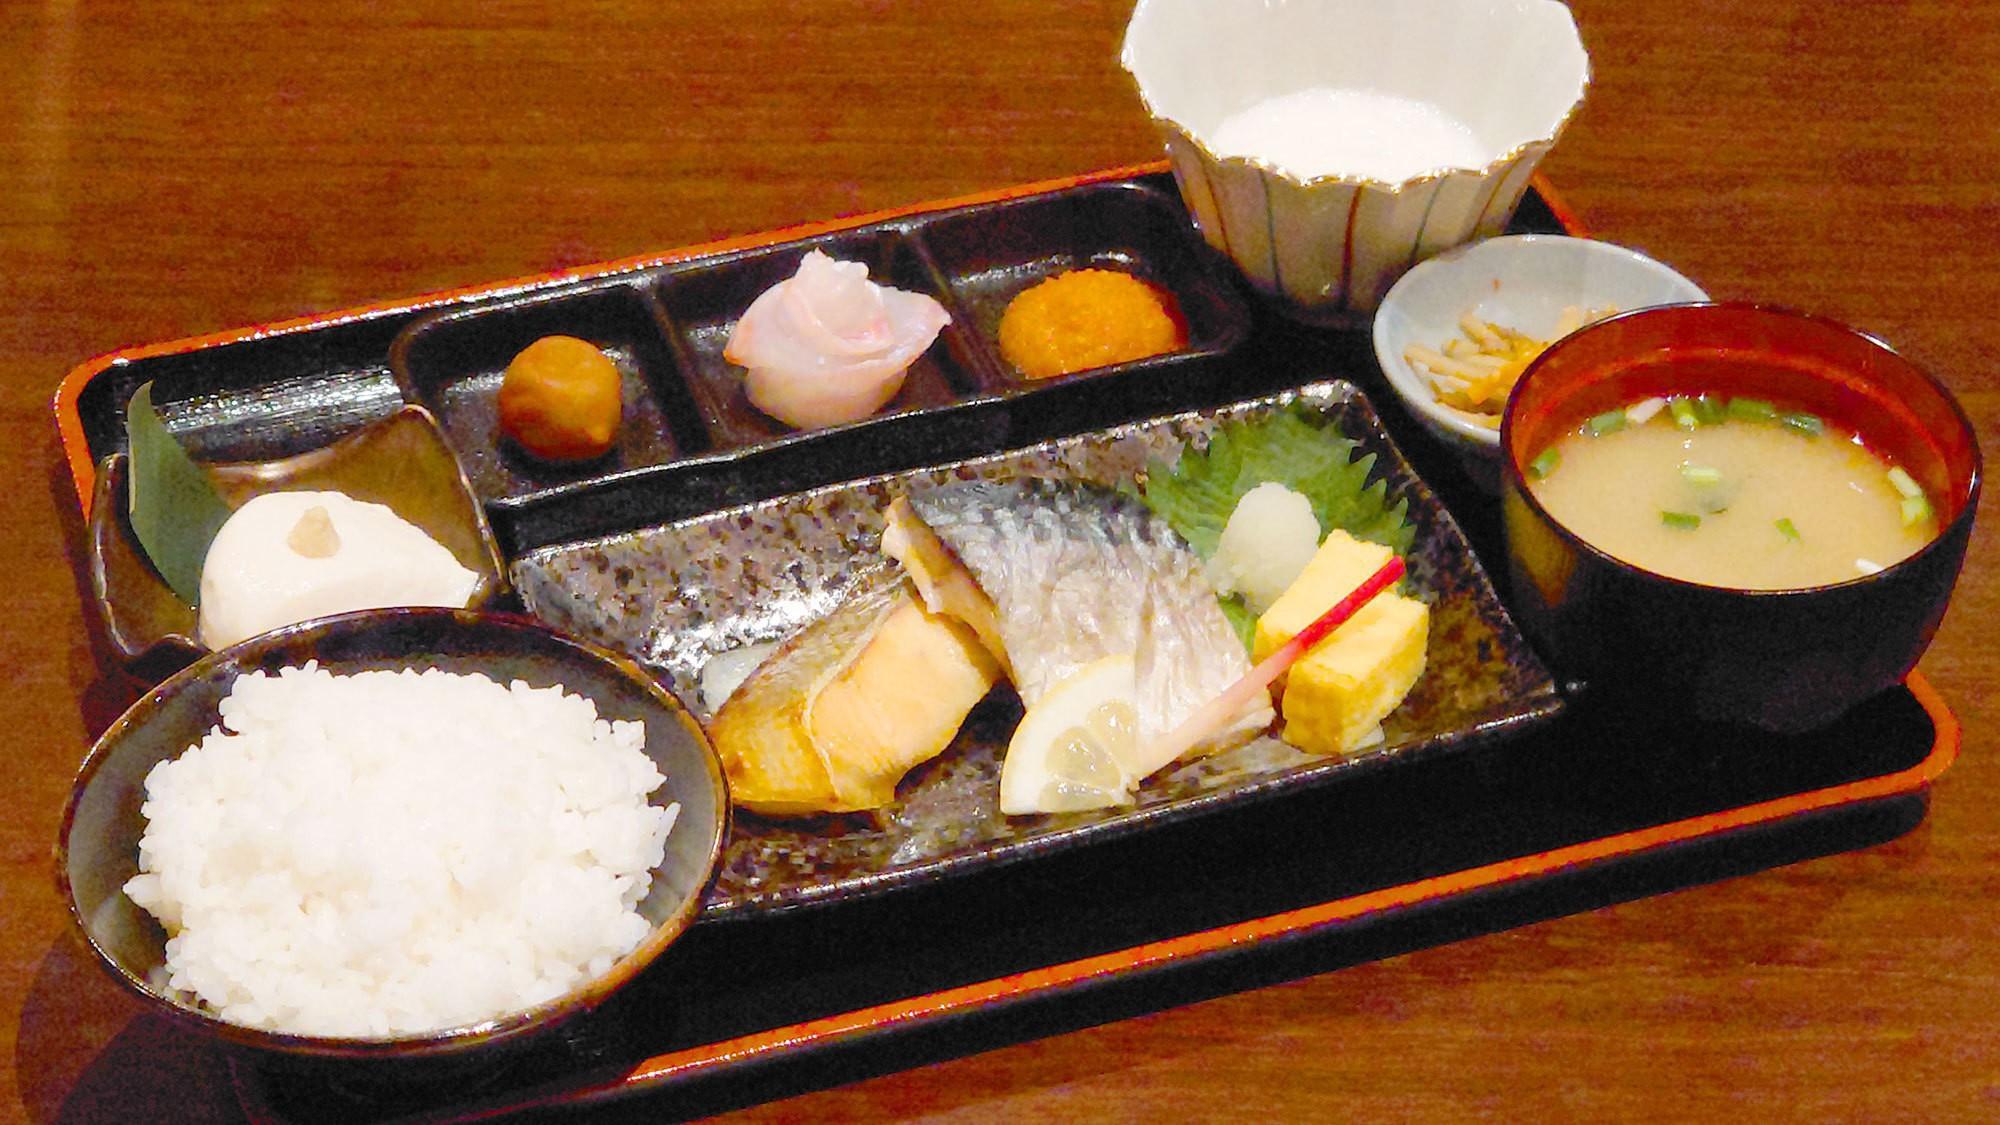 【朝食】<和食>お客様のお好みに合わせて選べる和洋プレートをご用意。取り放題のブッフェメニューも。